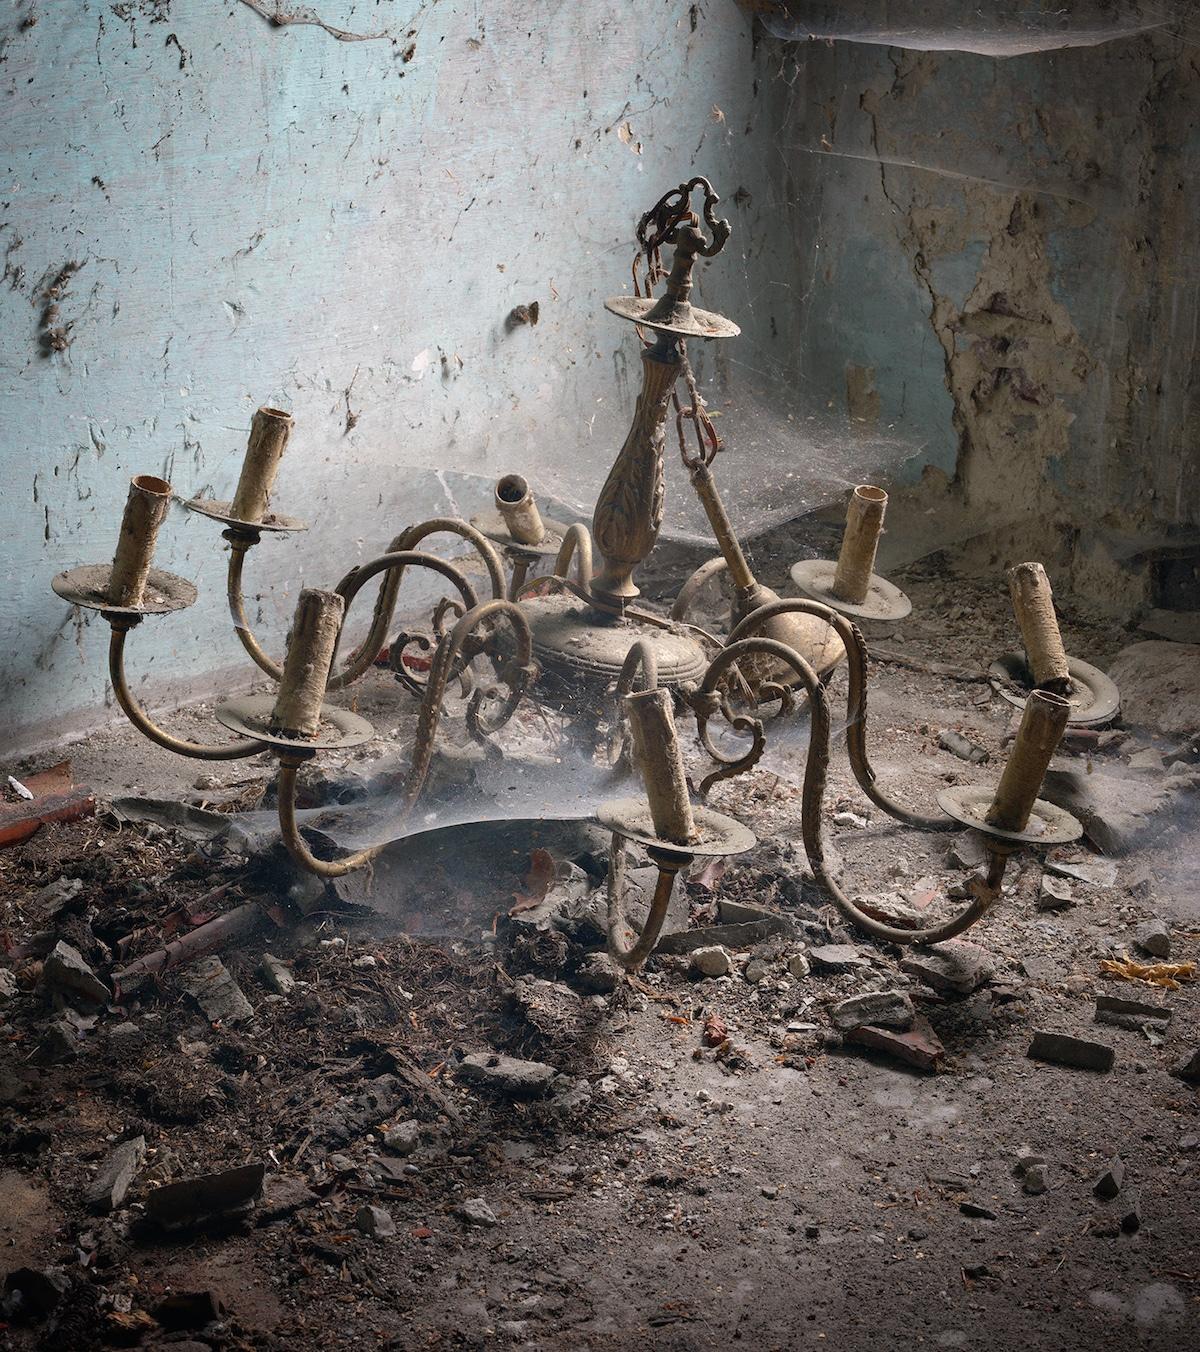 Forgotten Heritage - Matt Emmett